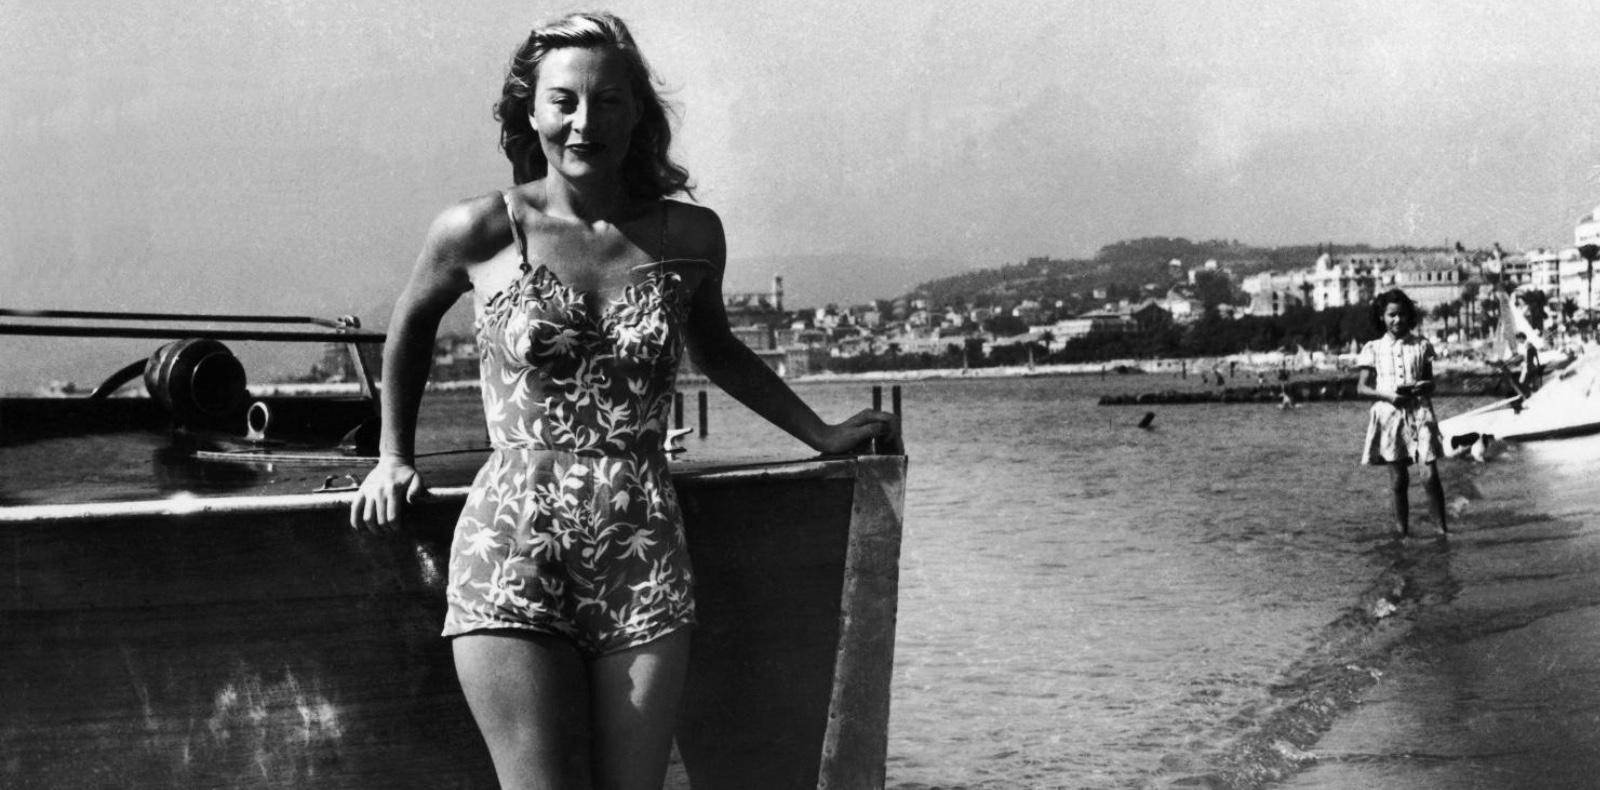 L'actrice Michelle Morgan lors de la première édition du Festival de Cannes en 1946.